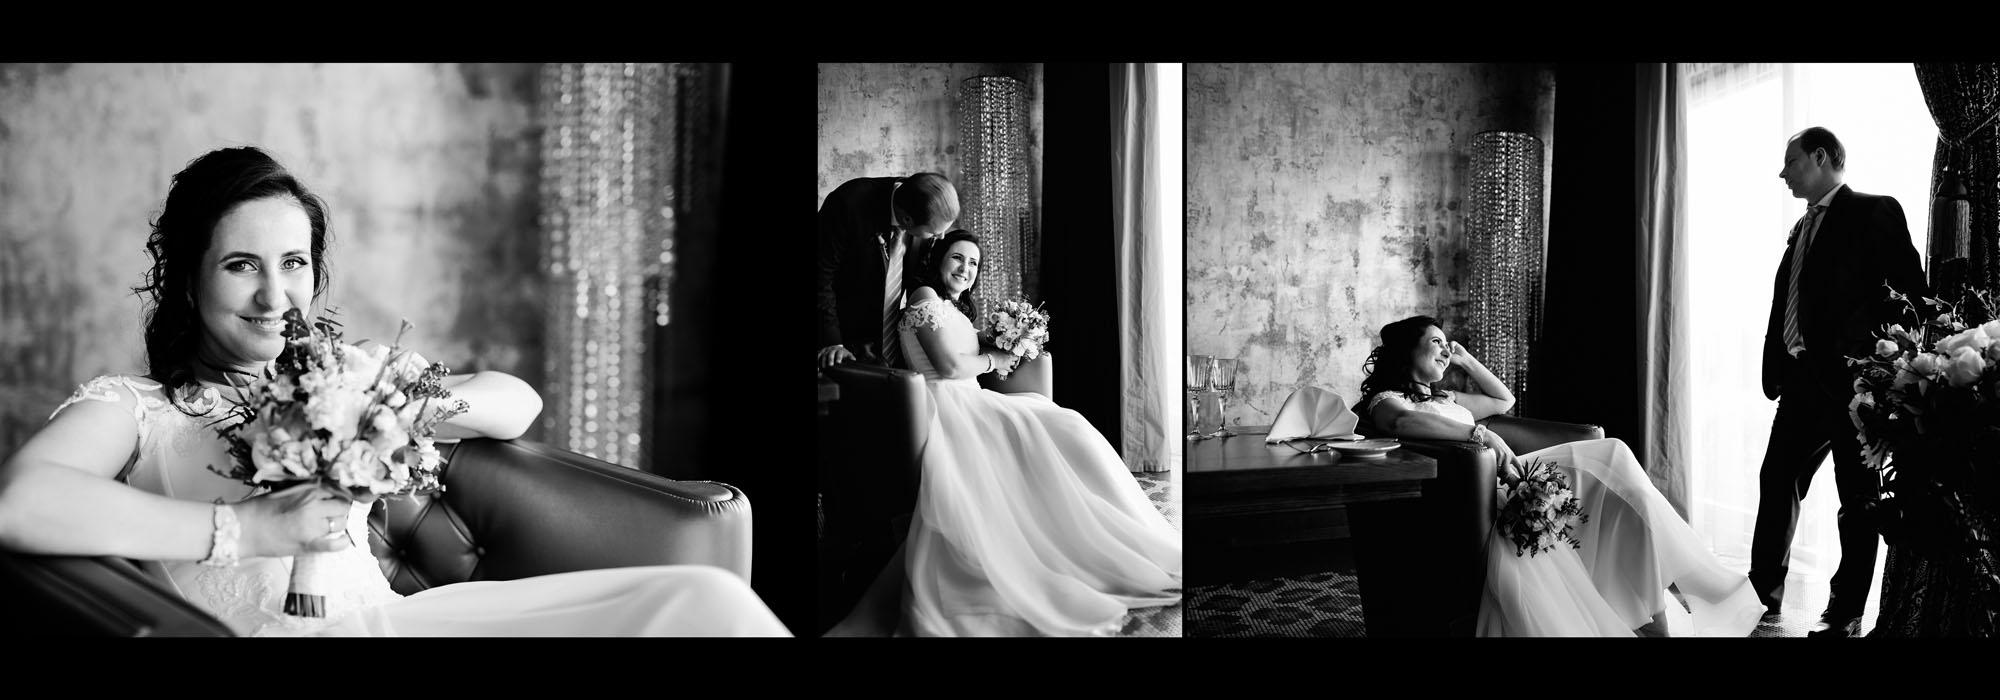 Vestuviu fotografas_11